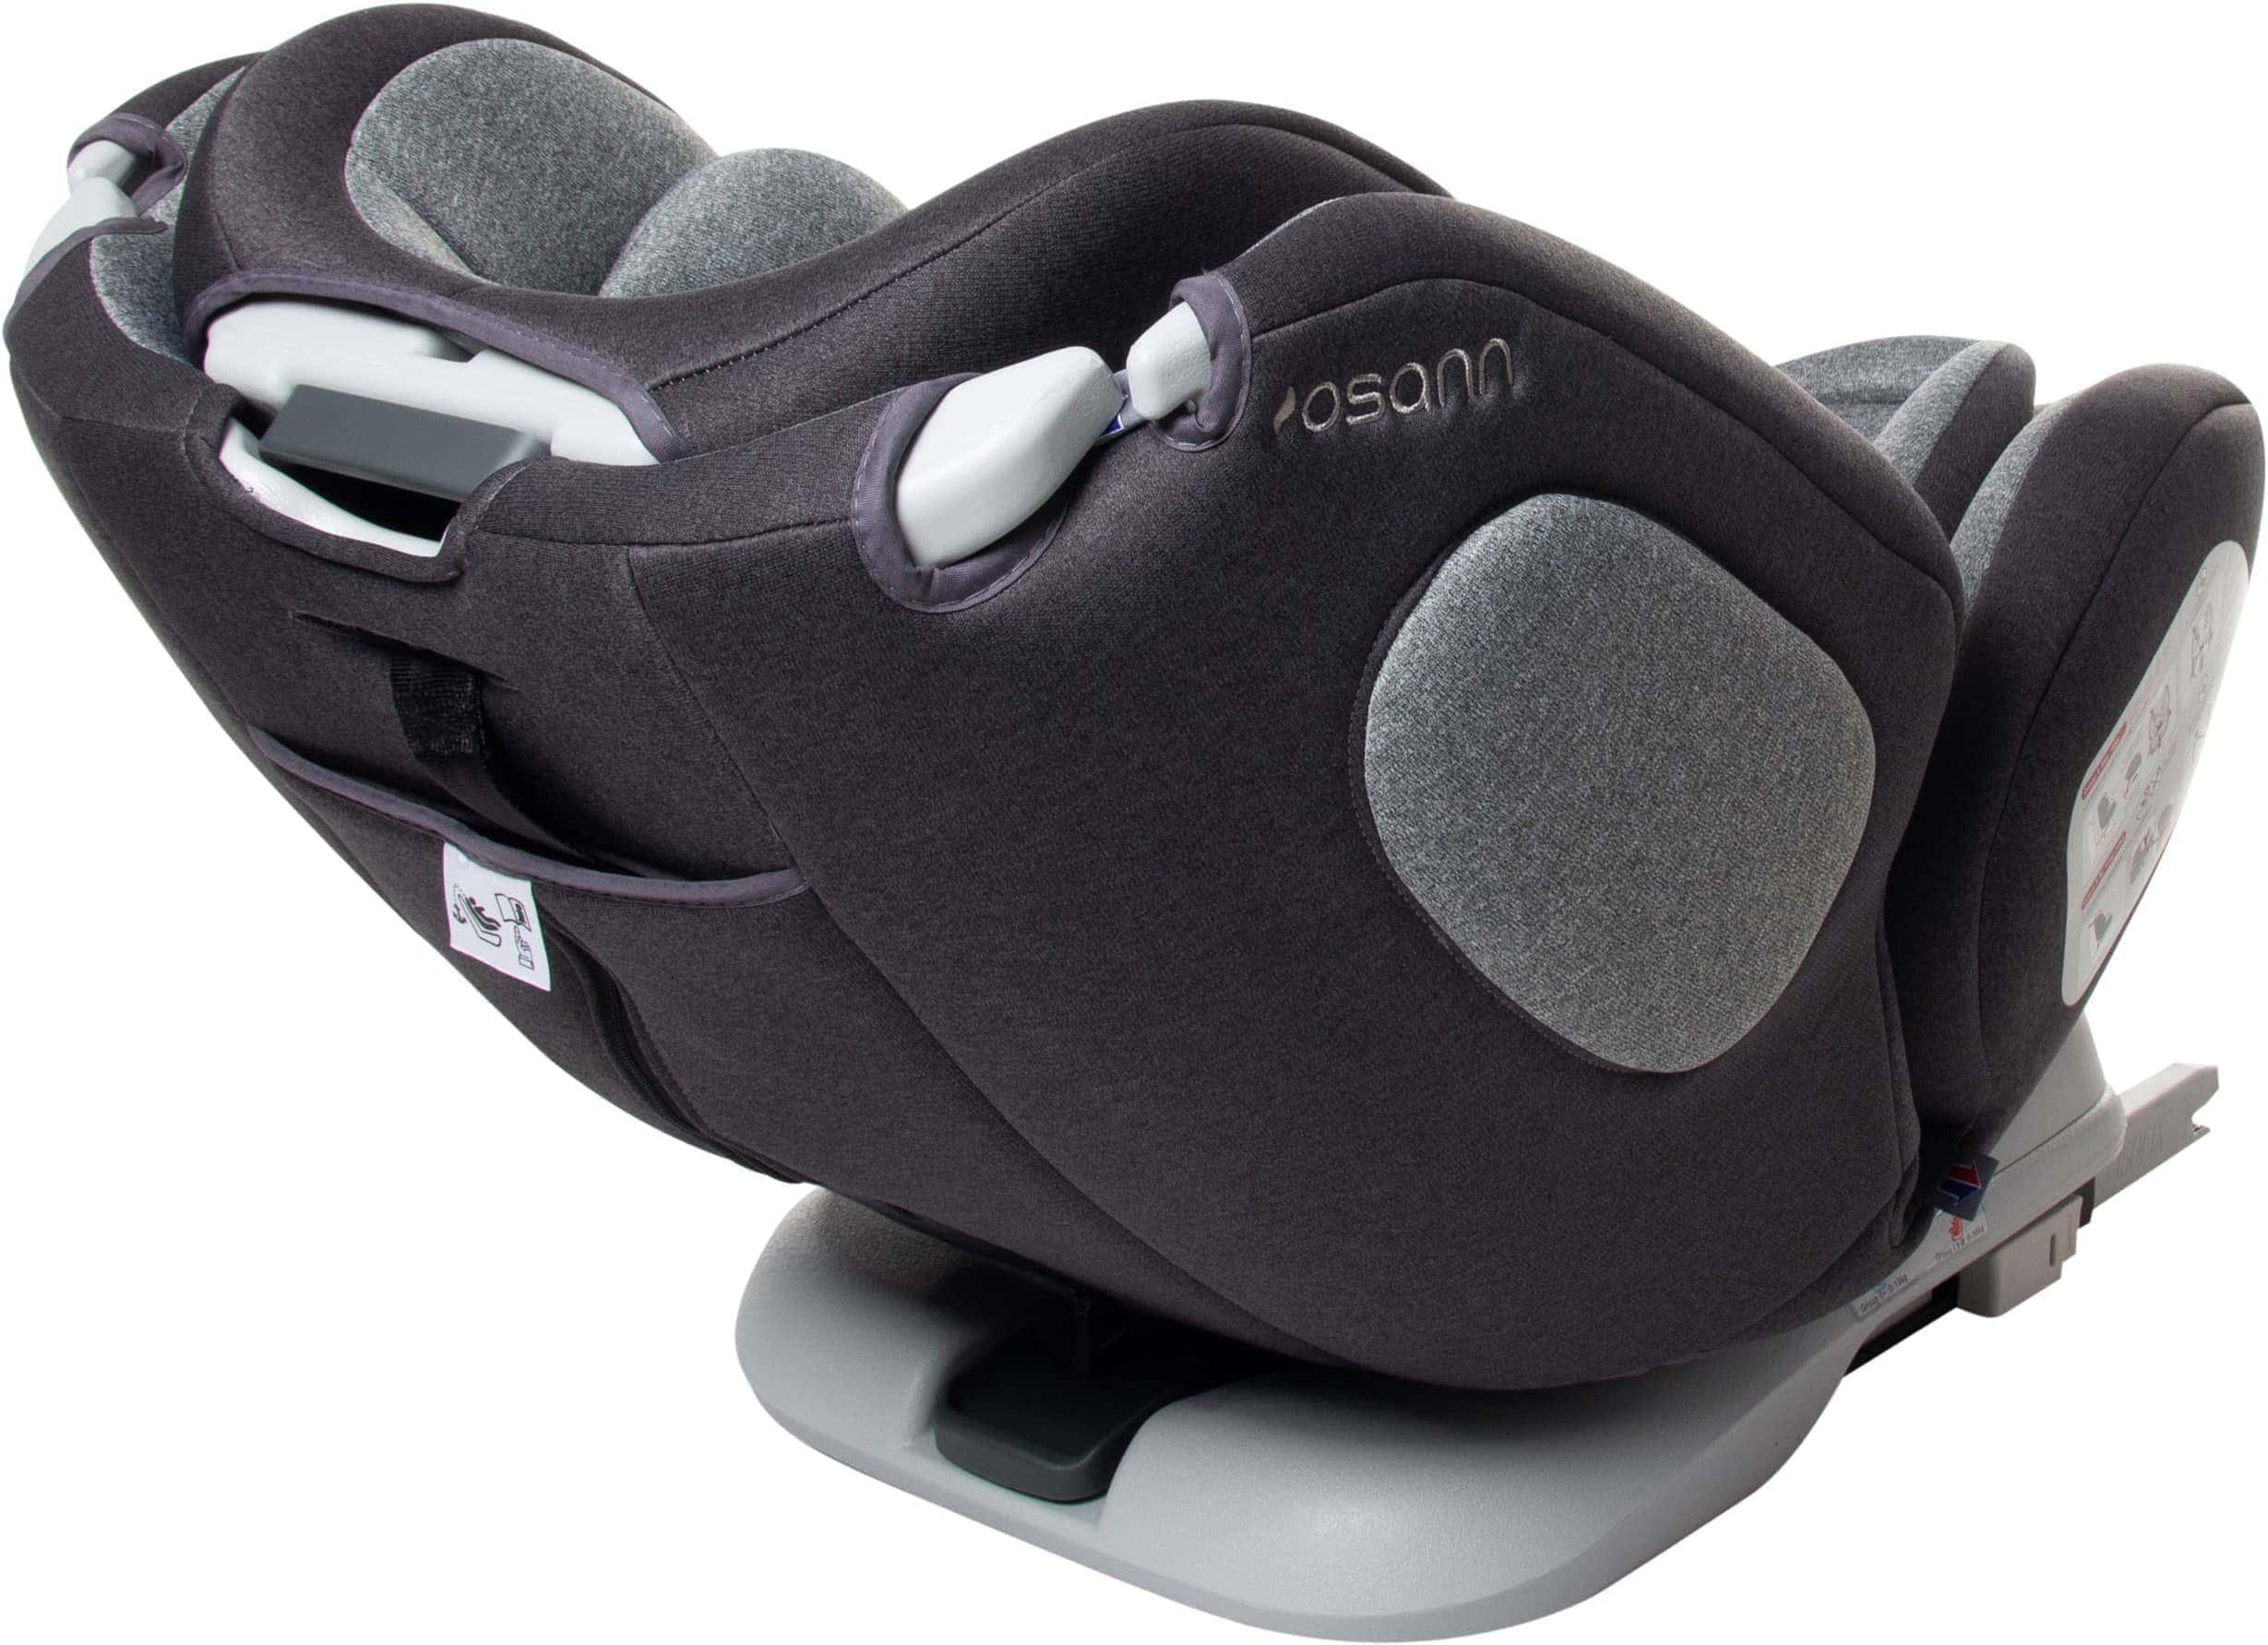 silla coche bebe one osann reclinado posterior